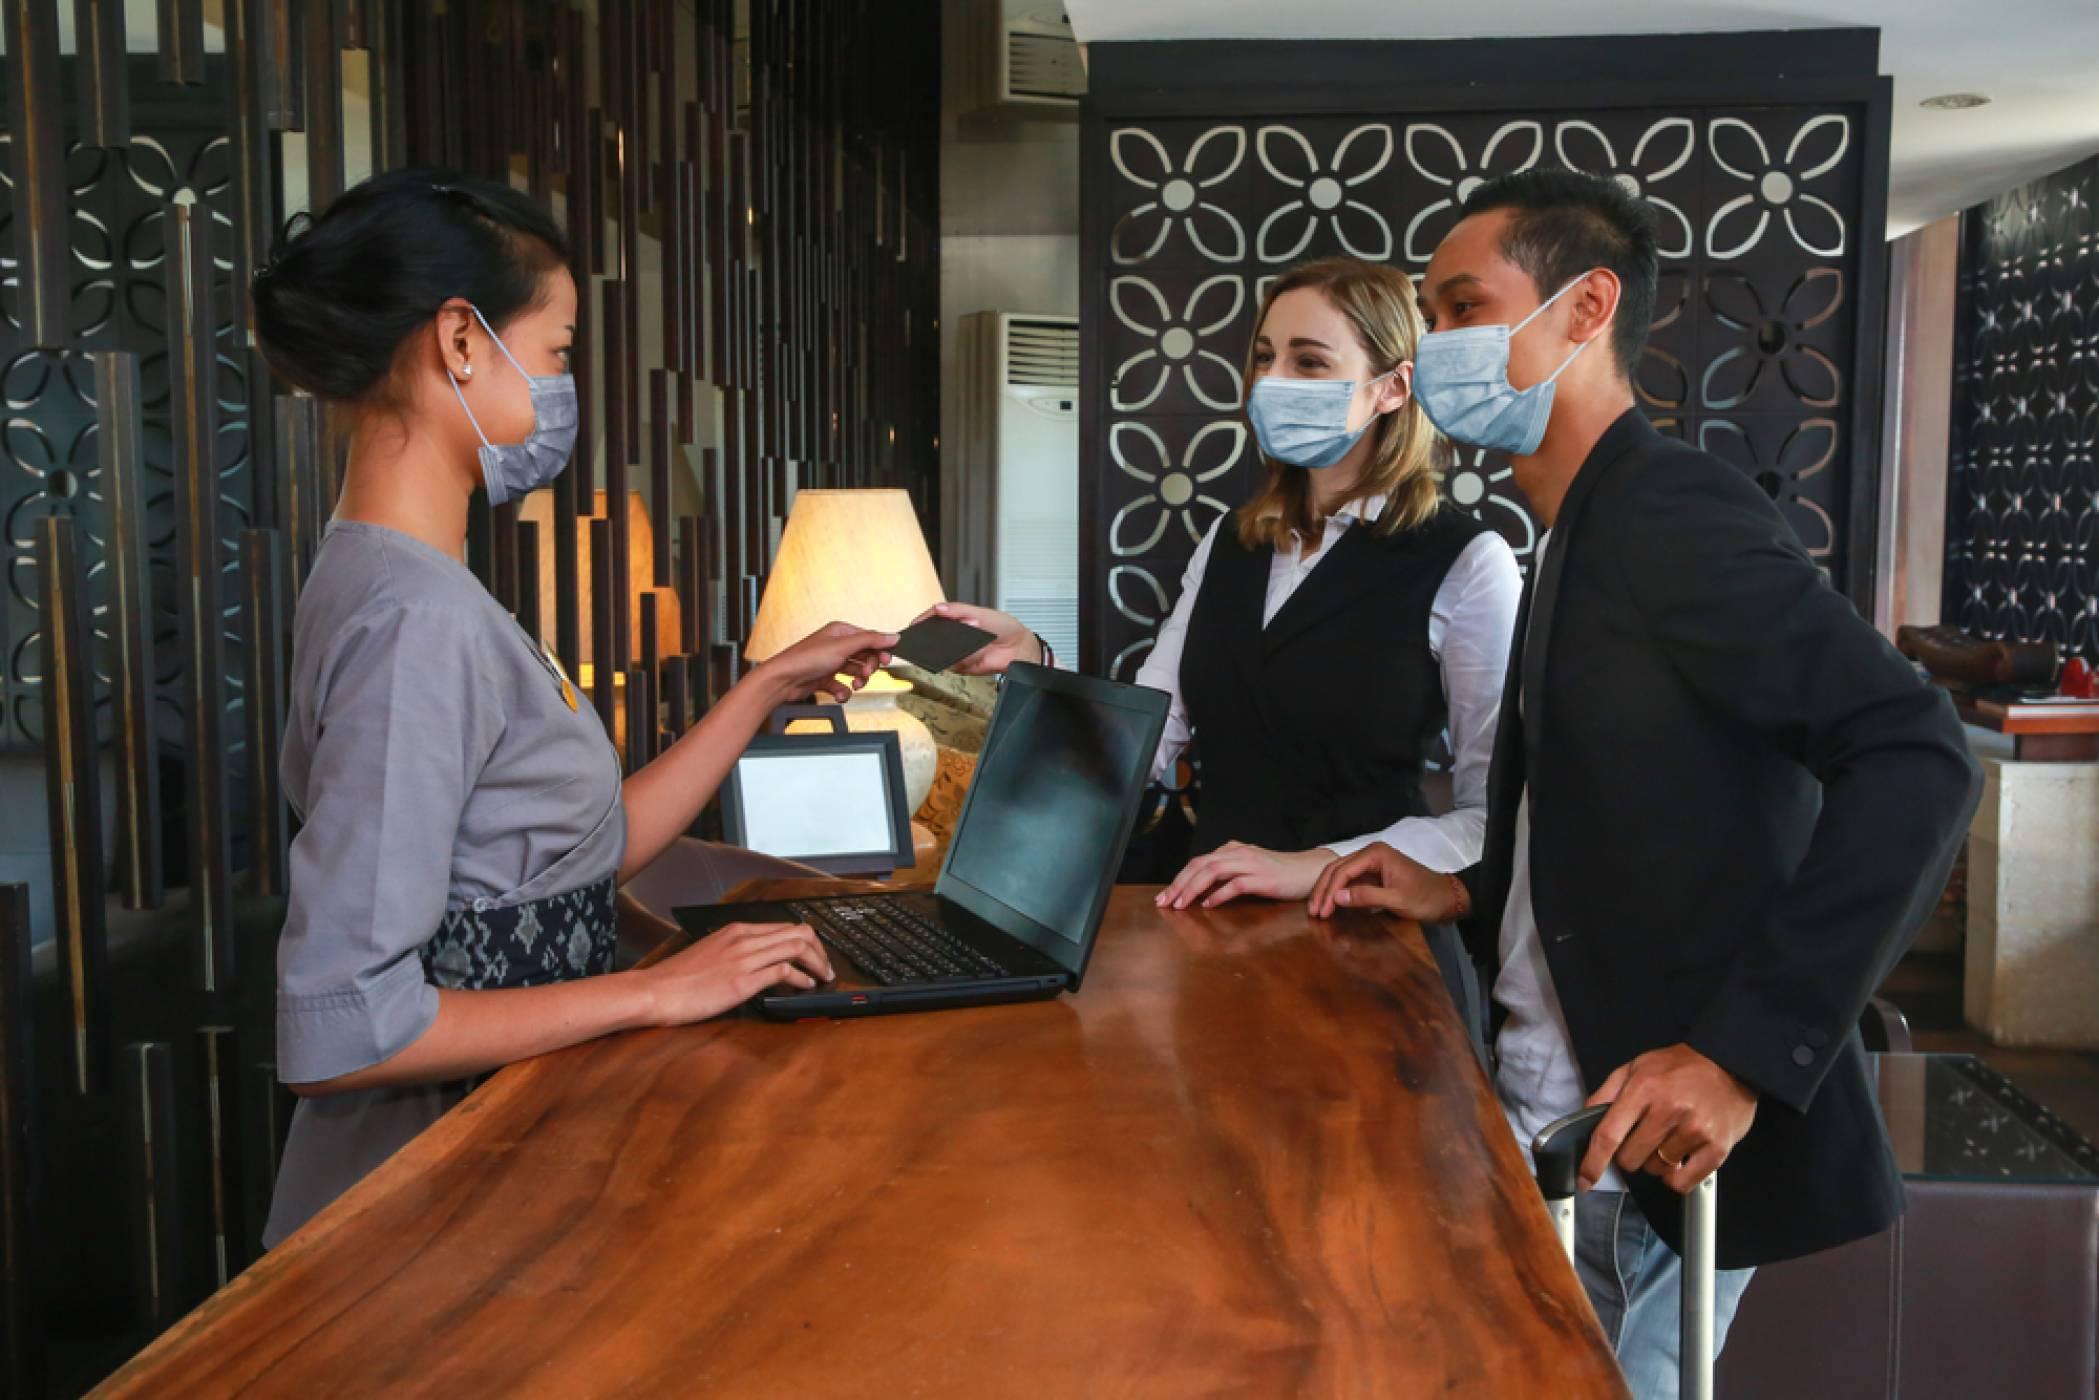 Технологията, която ще изведе хотелиерската индустрия от пандемията